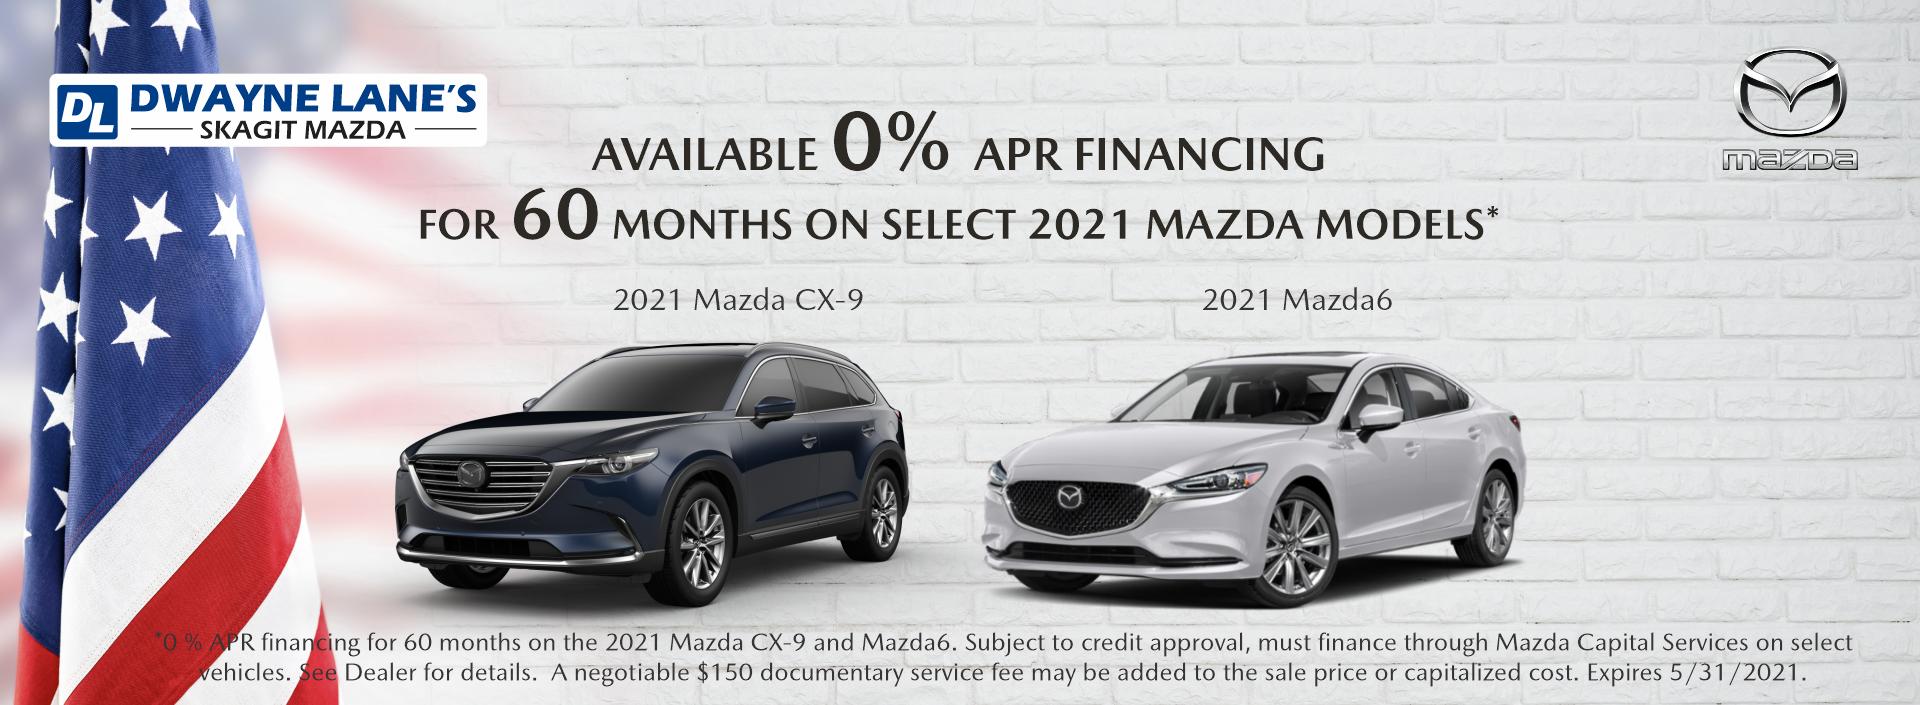 2021MayBanners-DLAF-Mazda